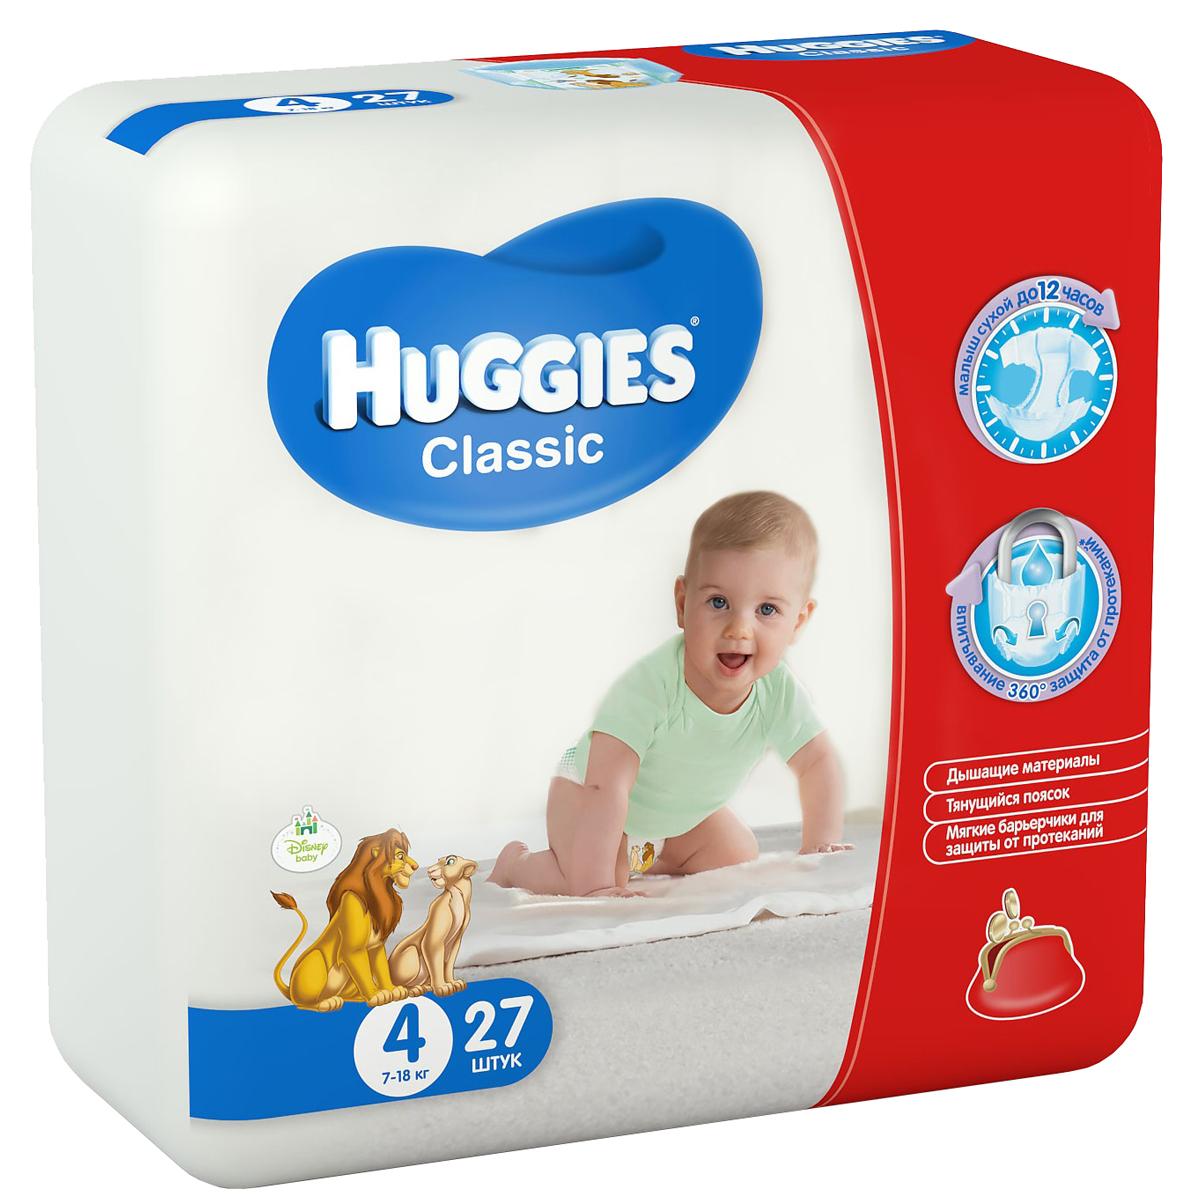 Huggies Подгузники Classic 7-18 кг (размер 4) 27 шт9401042Подгузники Huggies Classic, сделанные из мягких дышащих материалов, заботятся о сухости и комфорте вашего малыша. Изогнутые резиночки повторяют анатомическую форму подгузника, помогая защитить от натирания между ножками. Специально разработанный блок-гель в подгузниках запирает влагу на замок до 12 часов, сохраняя кожу малыша сухой, а новая форма гарантирует защиту от протеканий 360°. Эластичные барьерчики и тянущийся поясок помогают предотвратить протекания вокруг ножек и по спинке. Мягкая как хлопок дышащая поверхность позволяет коже малыша дольше оставаться сухой. Удобные многоразовые застежки позволяют надежно застегивать подгузник необходимое количество раз. Красочные рисунки на поверхности превращают смену подгузников в веселую игру. Характеристики: Весовая категория: 7-18 кг. Количество: 27 шт. Размер: 4.